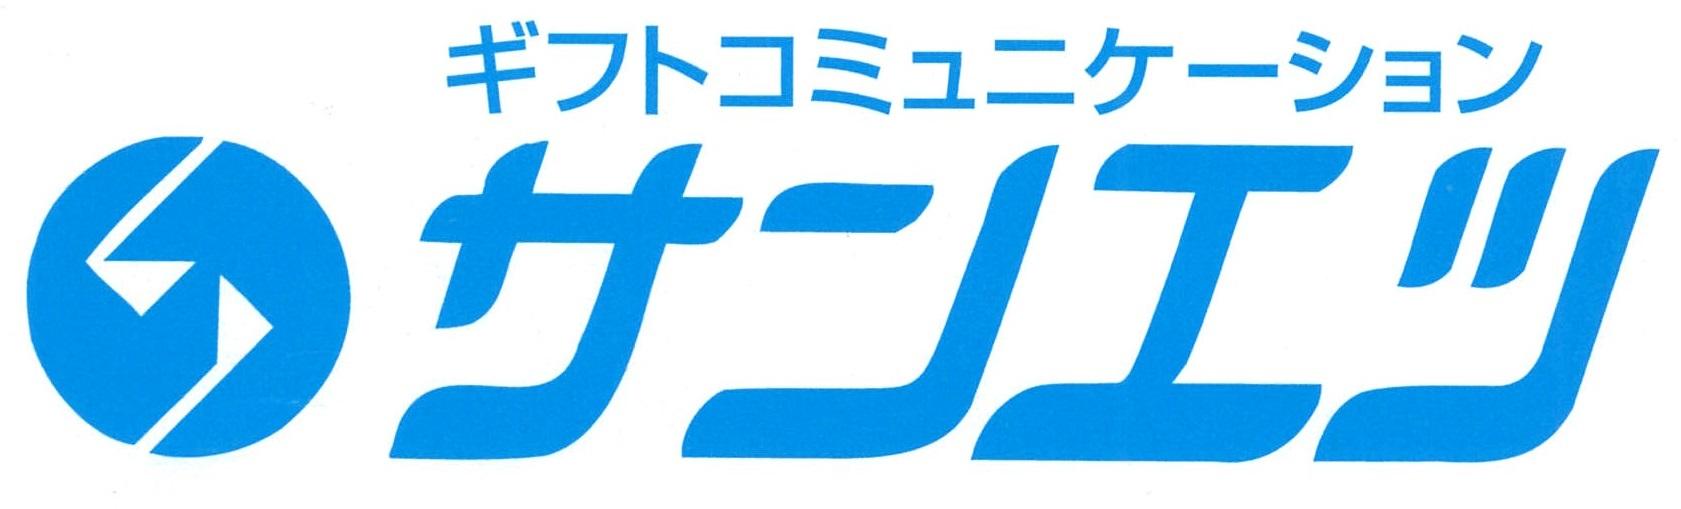 株式会社サンエツ